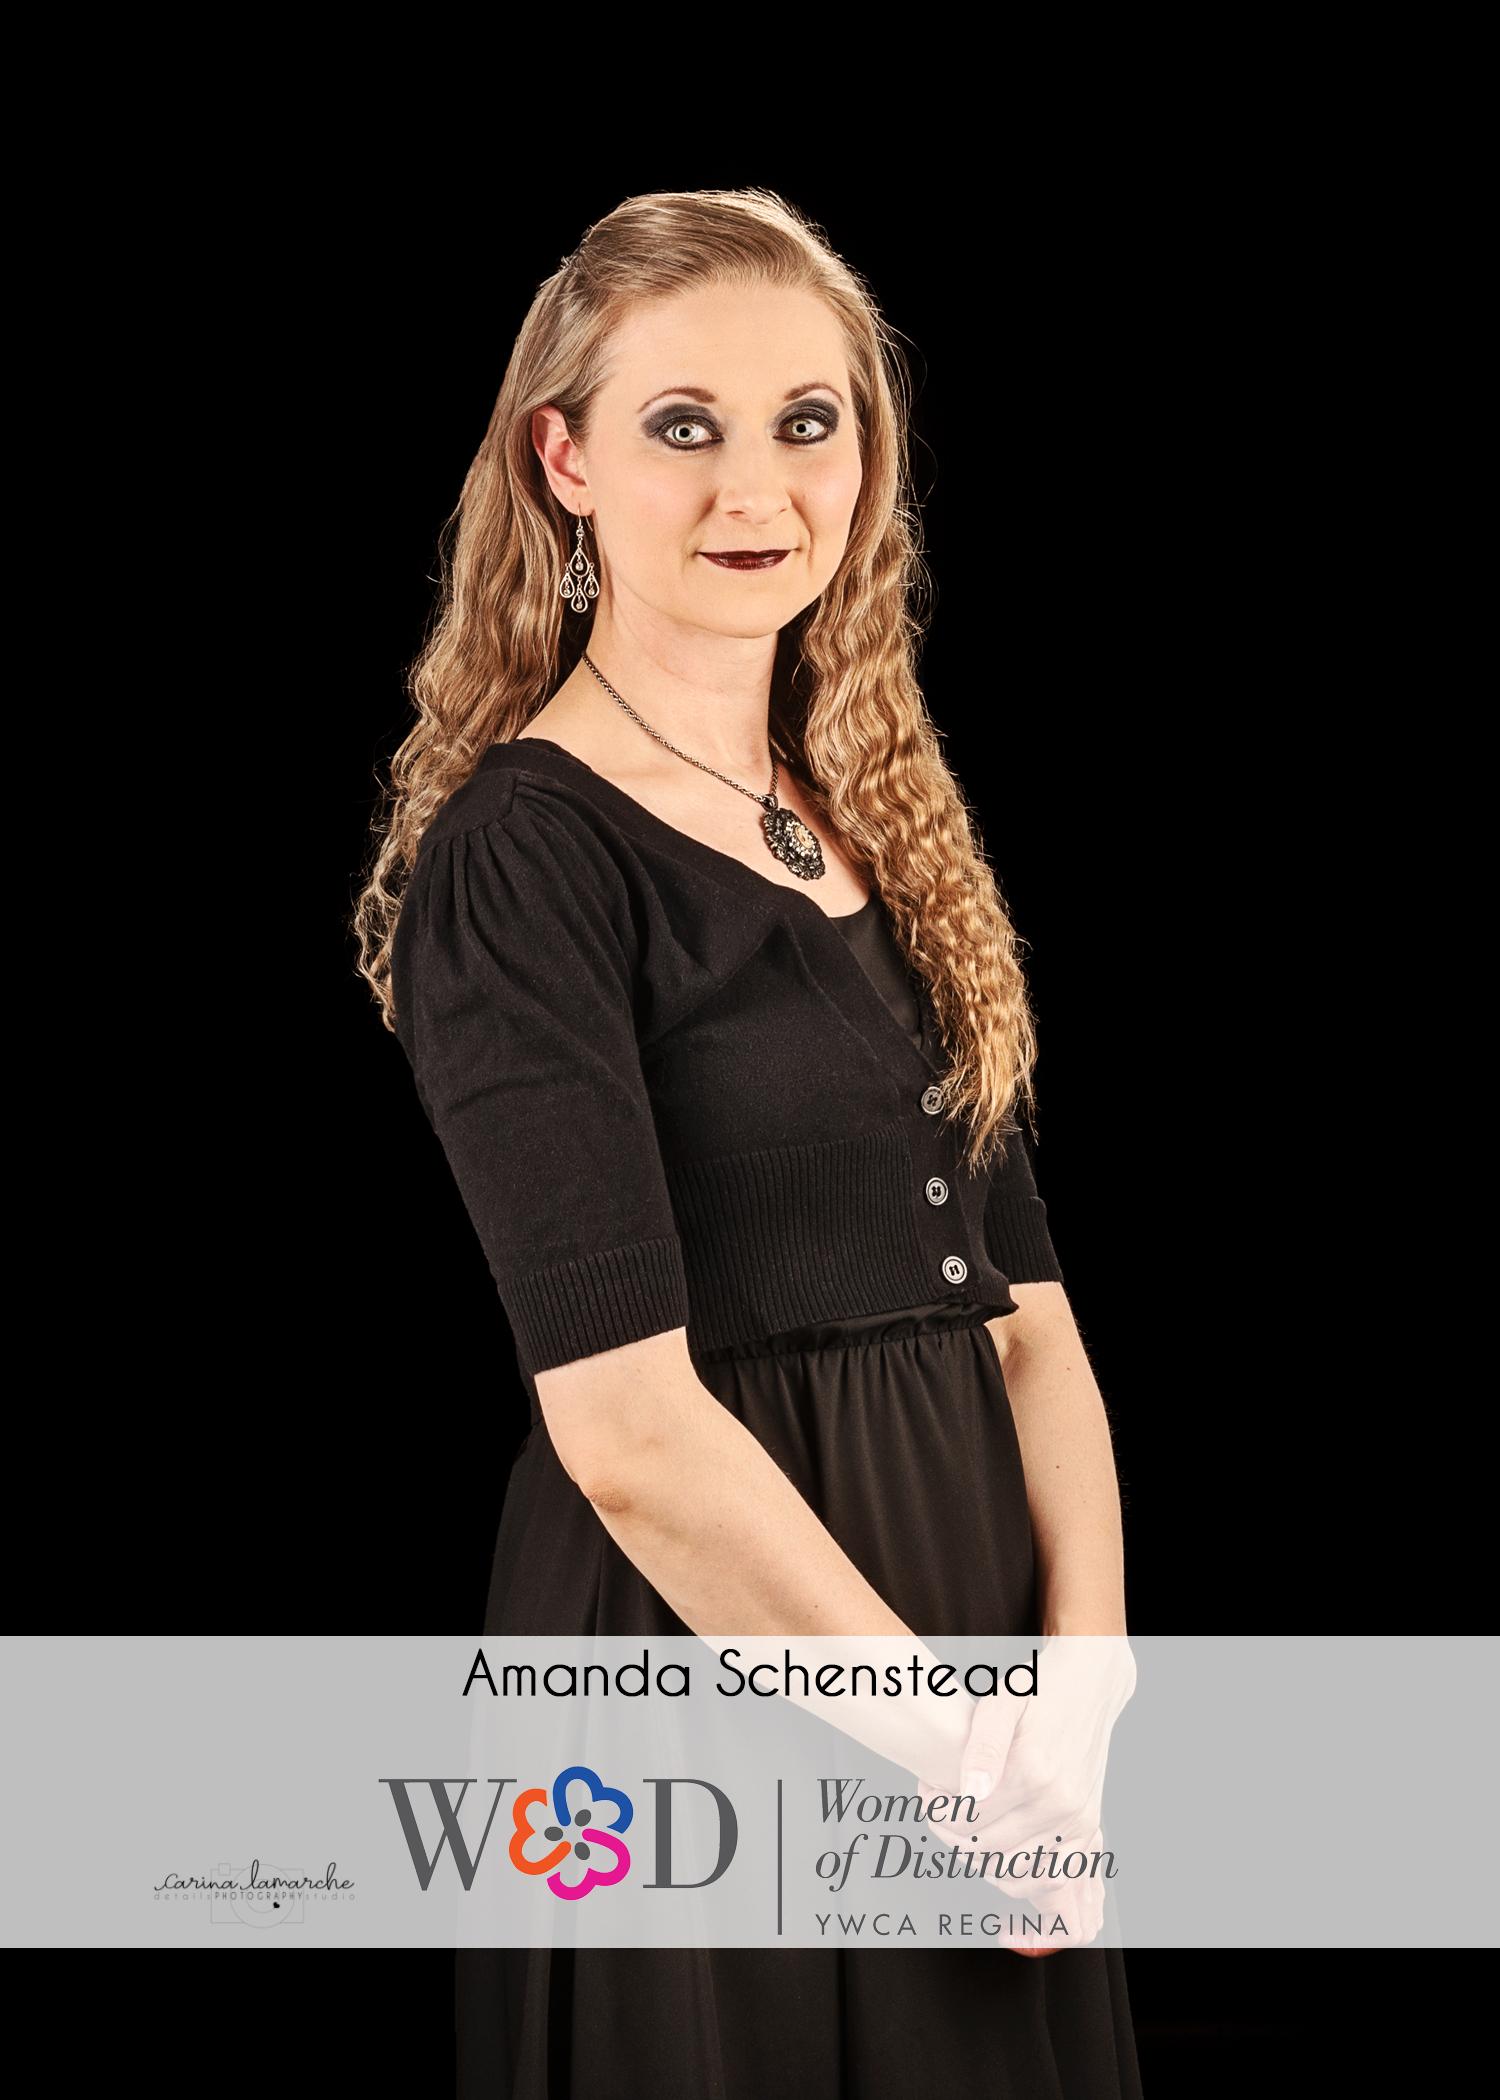 2019_025_Amanda_Schenstead_5x7.1.jpg